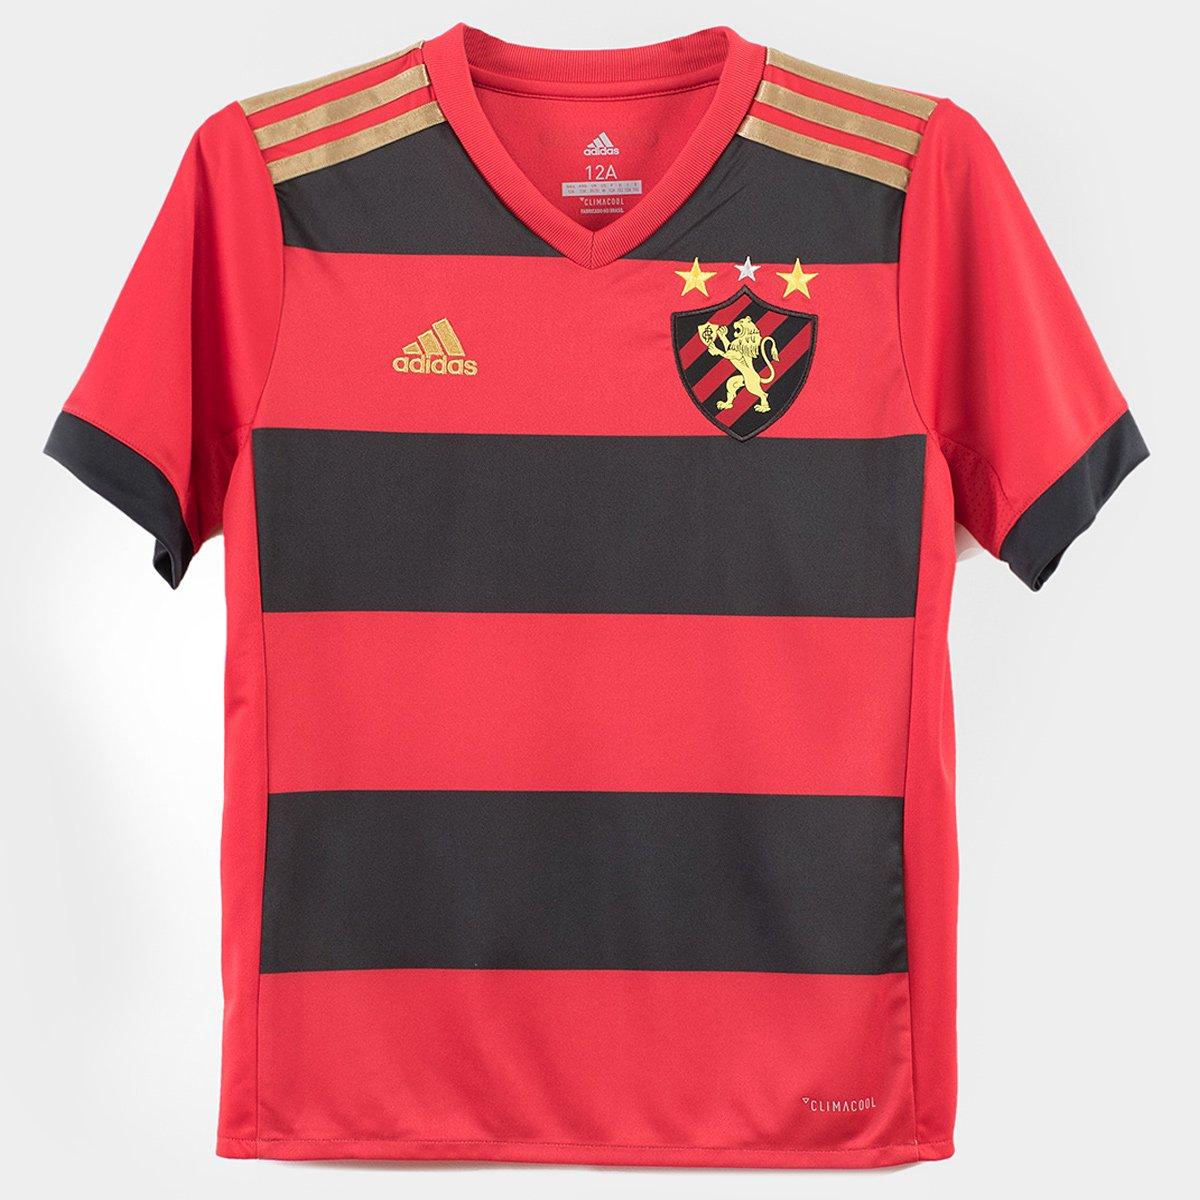 I Adidas Preto 18 s Sport e 17 nº Camisa Infantil Vermelho Recife Torcedor AtXzS